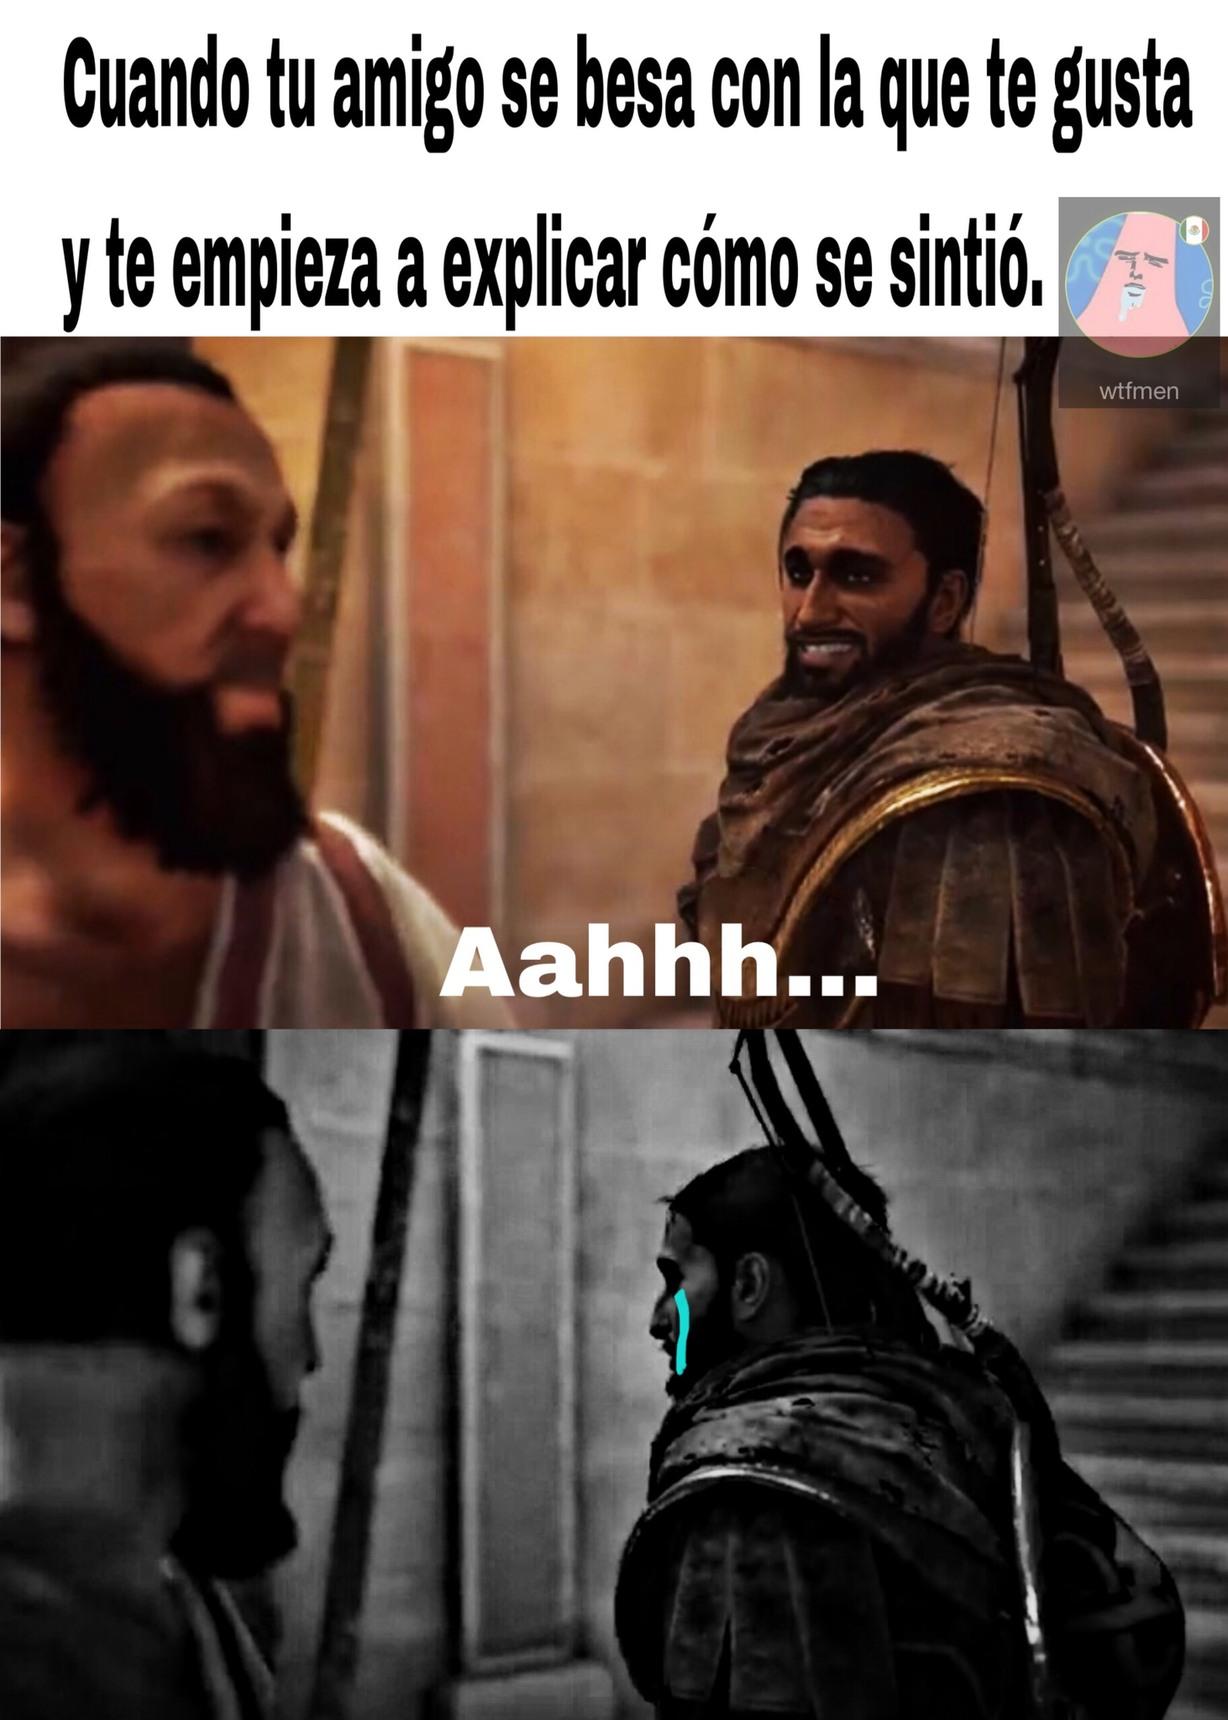 pobre Bayek :,v - meme